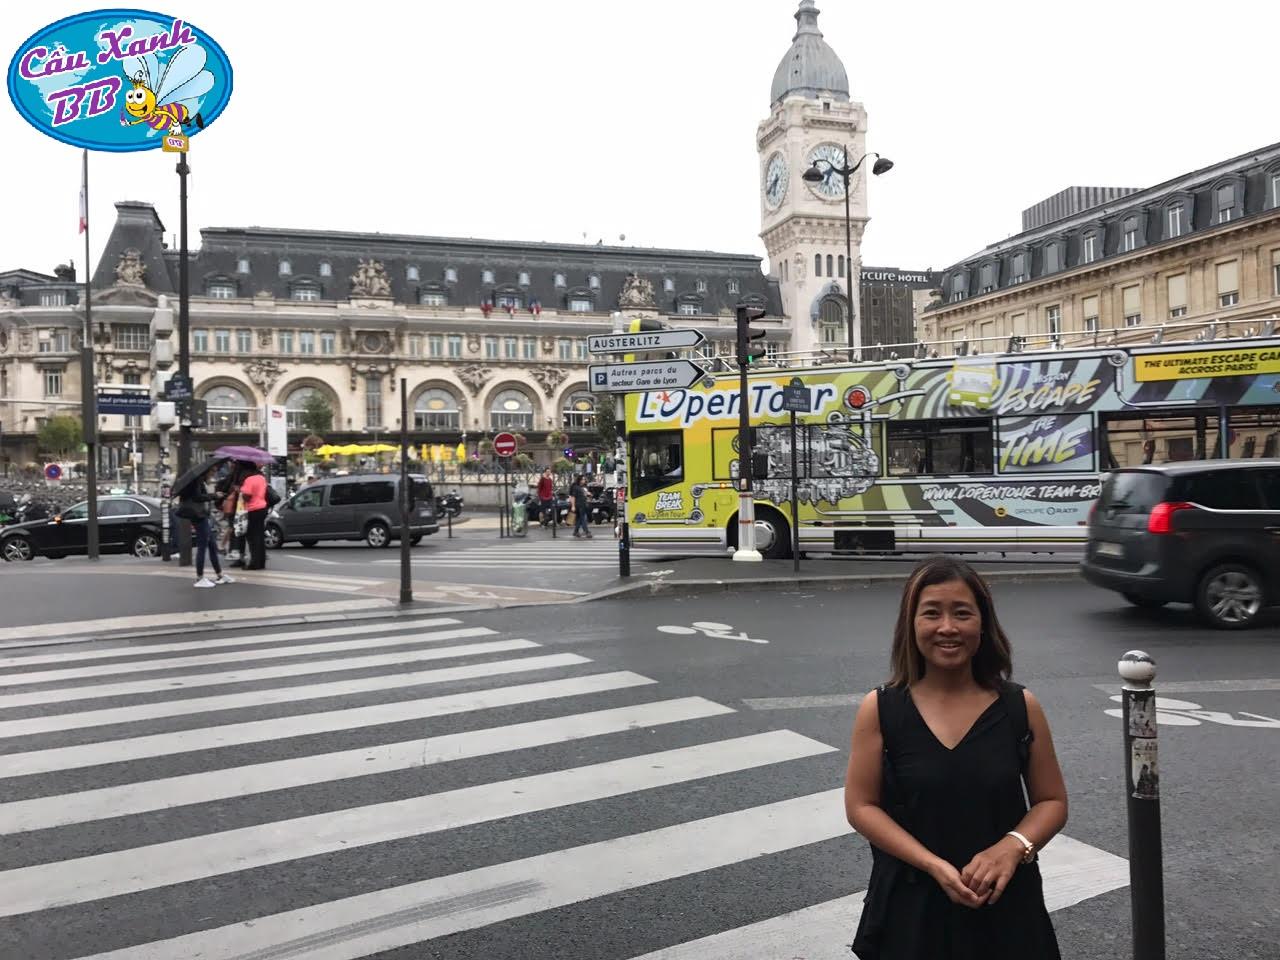 Lợi ích khi du học Pháp - học tập và sinh sống giữa lòng Châu Âu